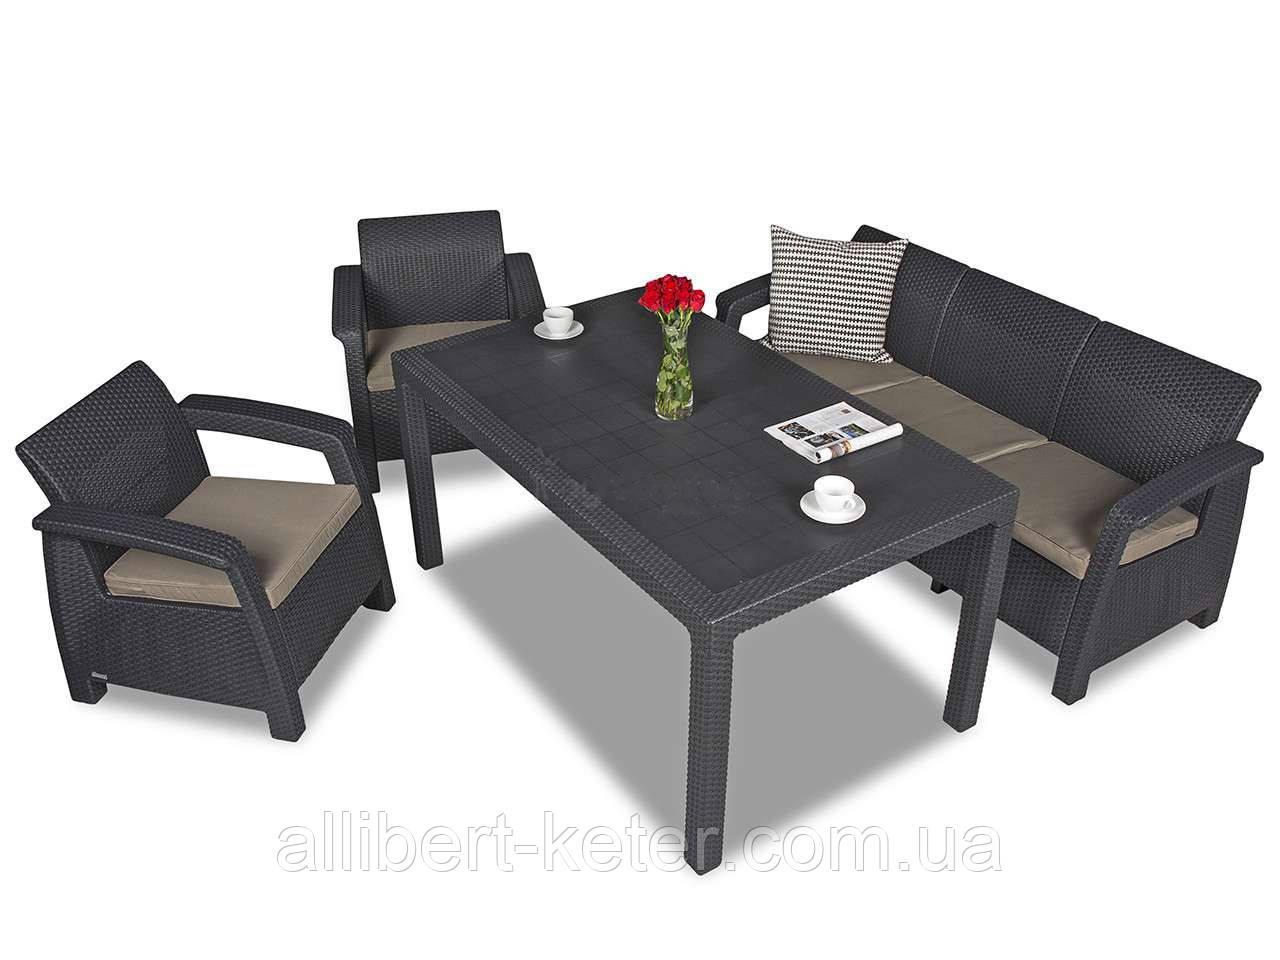 Набір садових меблів Corfu Dining Set 5 з штучного ротанга ( Allibert by Keter )